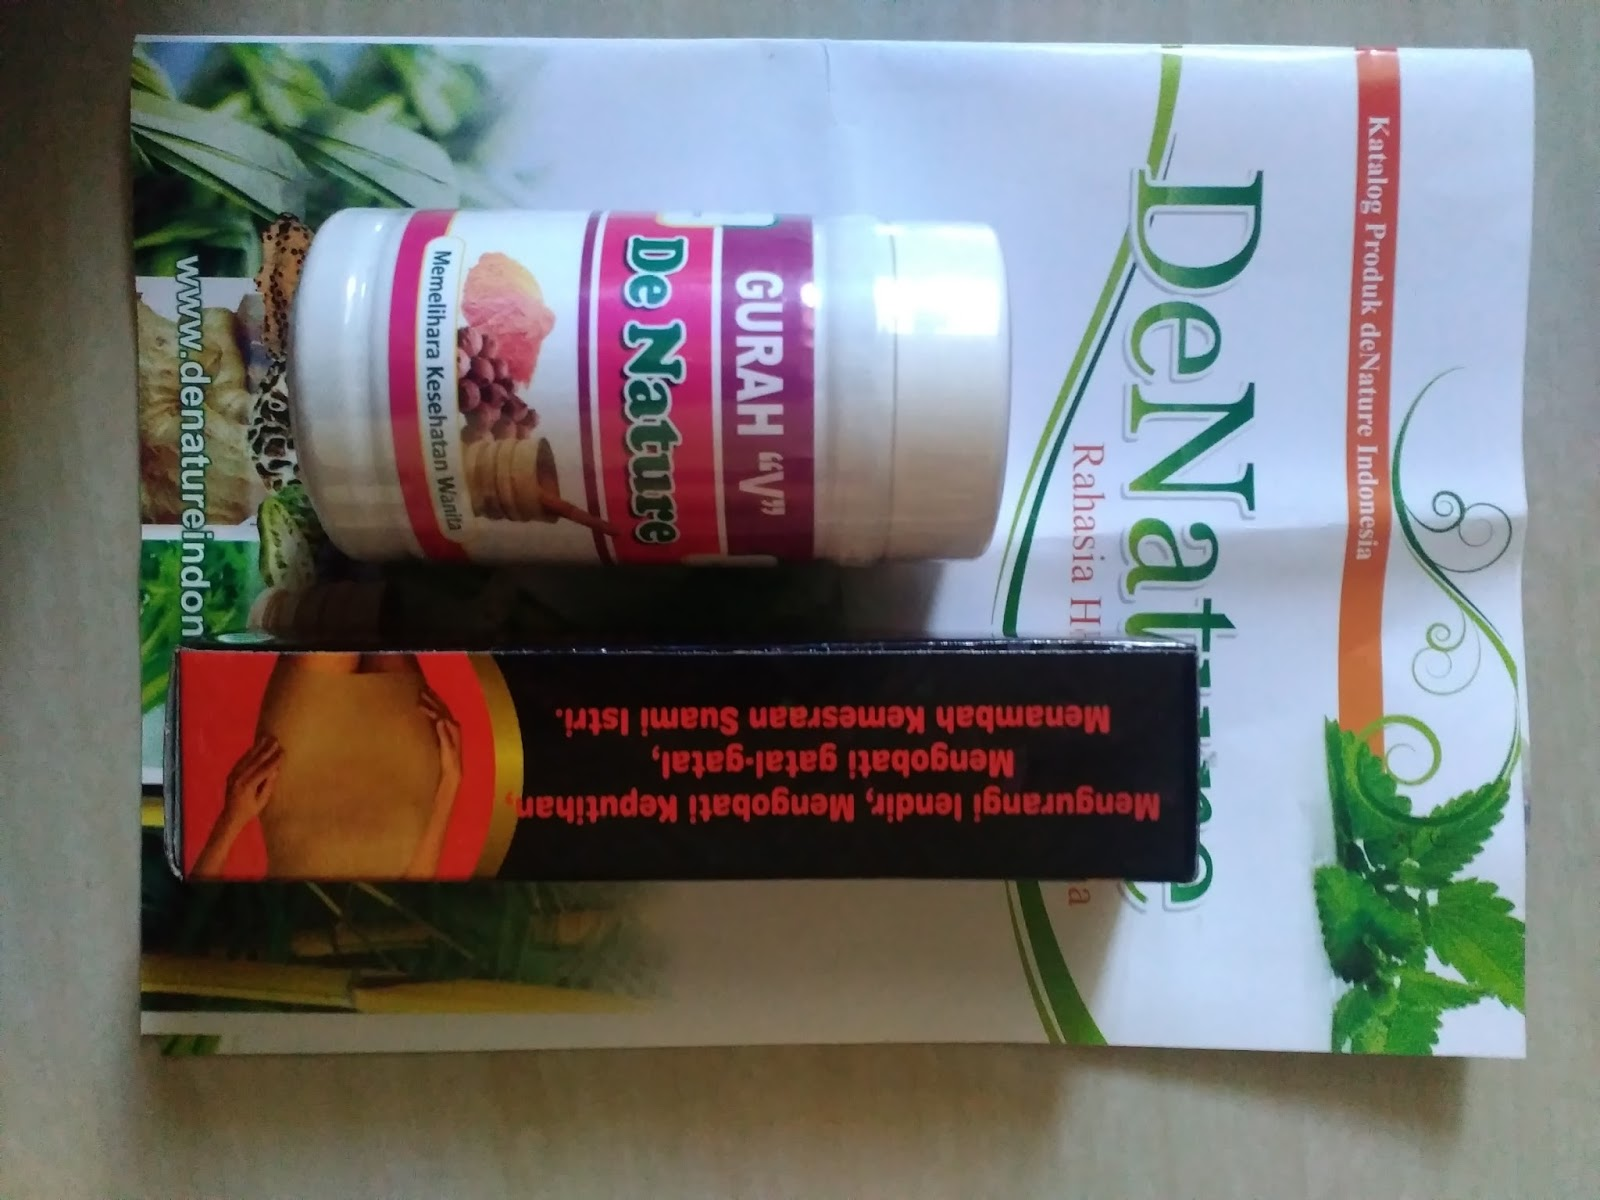 obat herbal keputihan yang bau